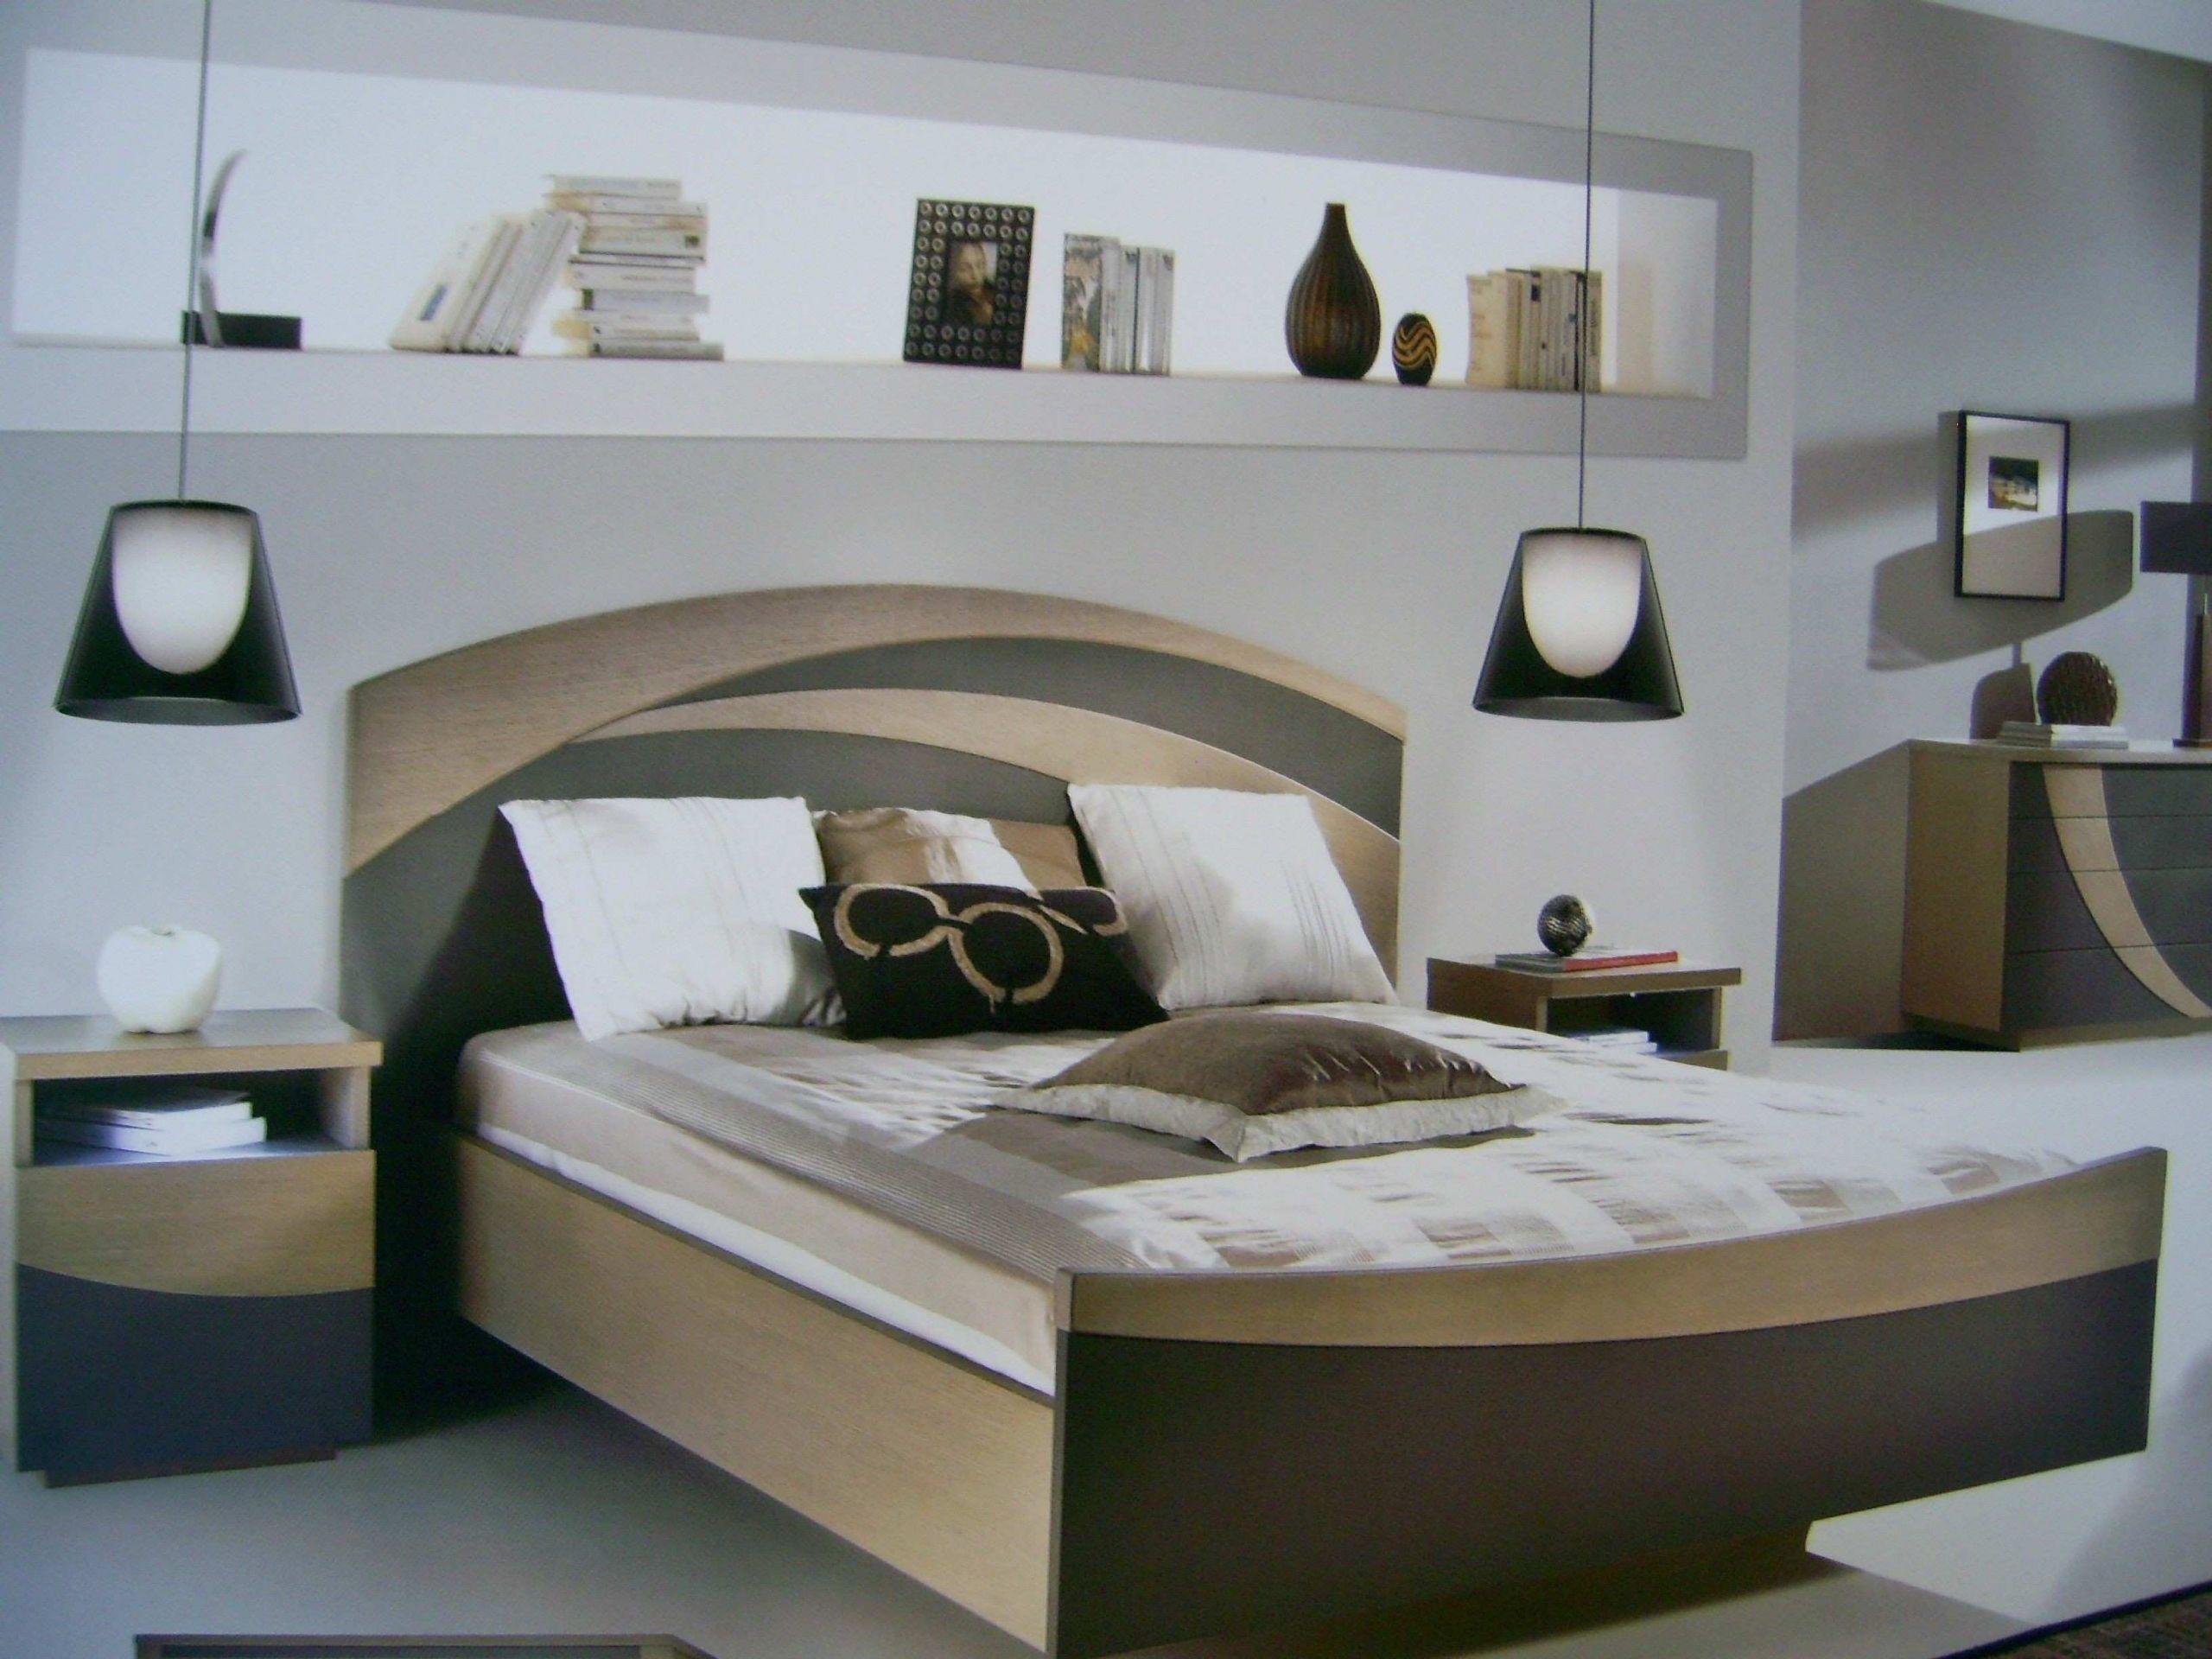 magasin meuble turc 76 conception magasin de meuble turque le plus important of magasin meuble turc